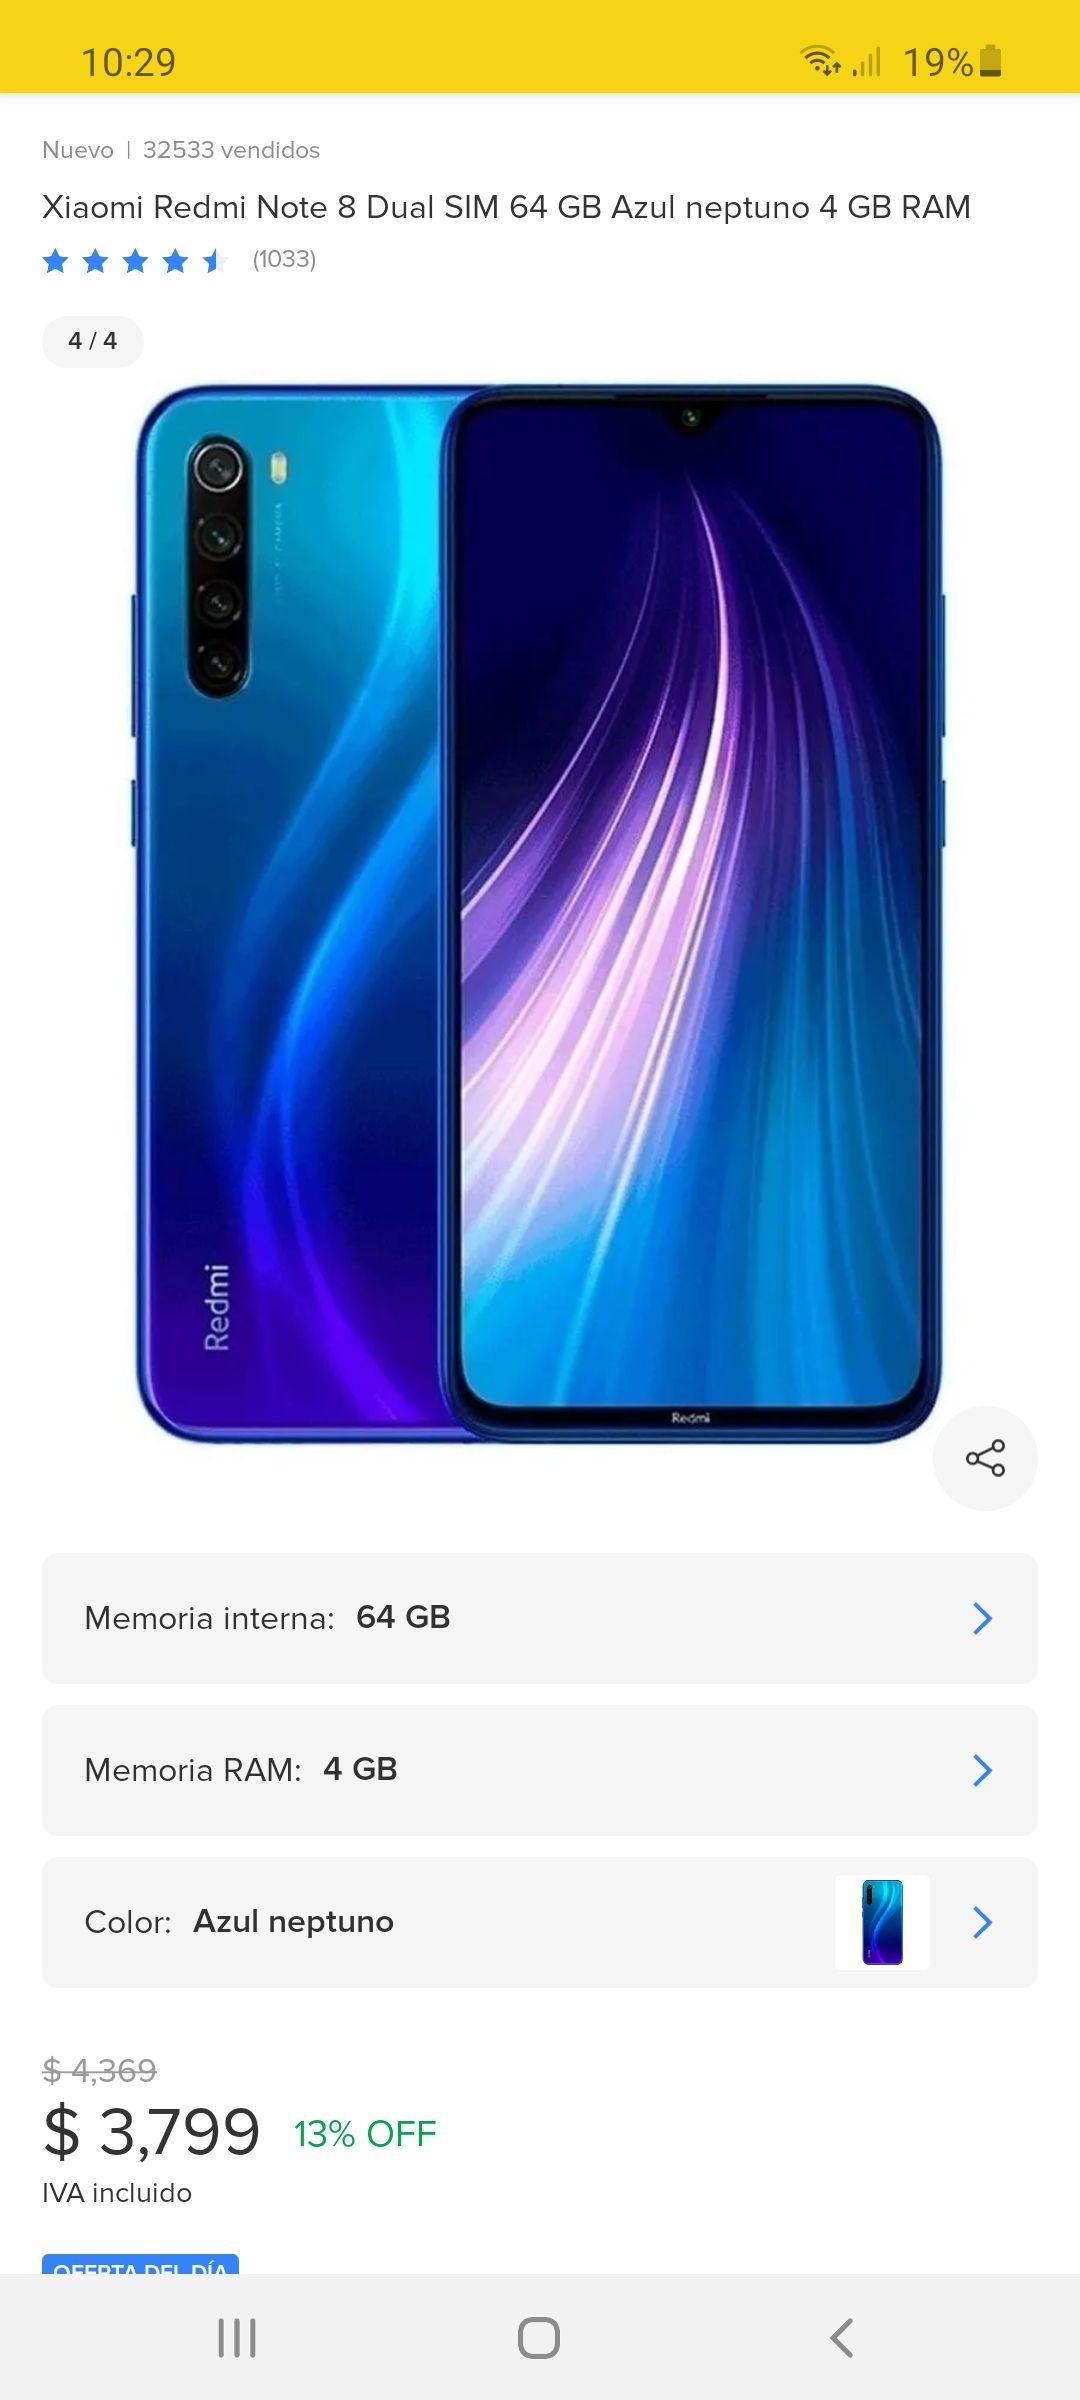 Tienda oficial Telmov en Mercado Libre: Xiaomi Redmi Note 8 Dual Sim (Pagando con Banorte)